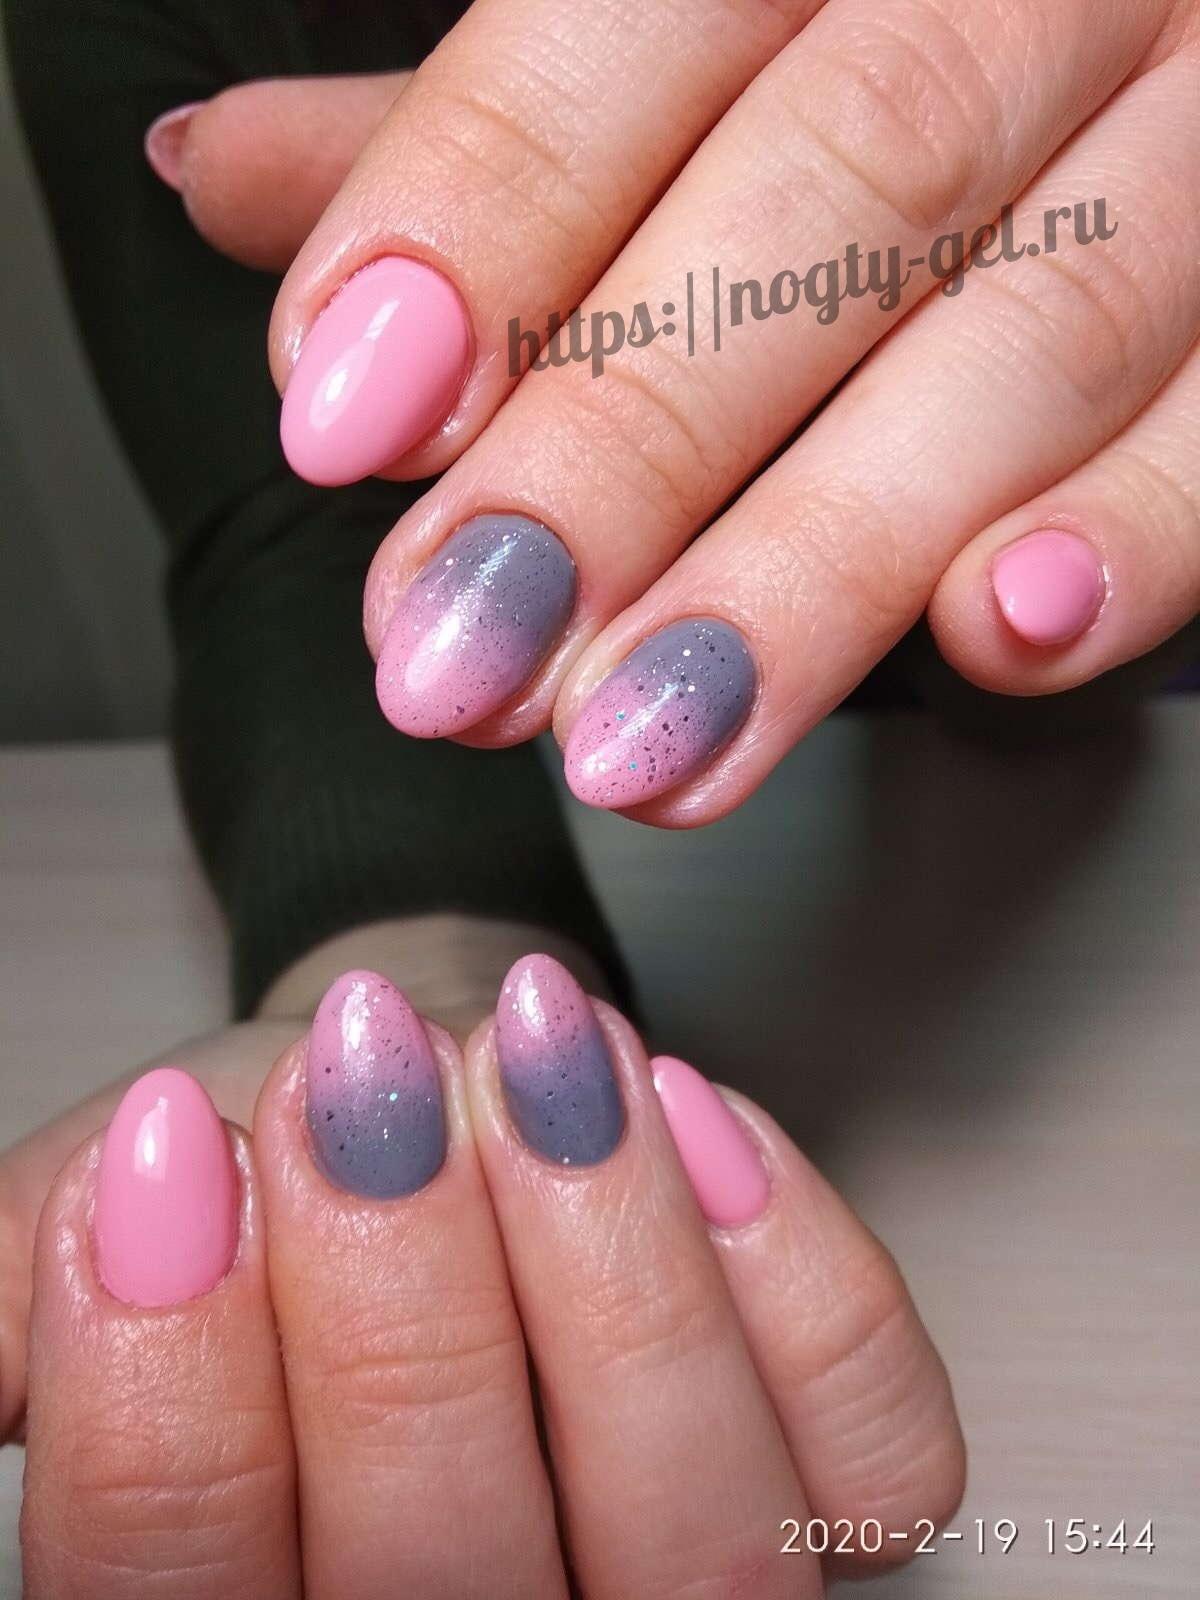 12.Дизайн ногтей розовый с серебром фото